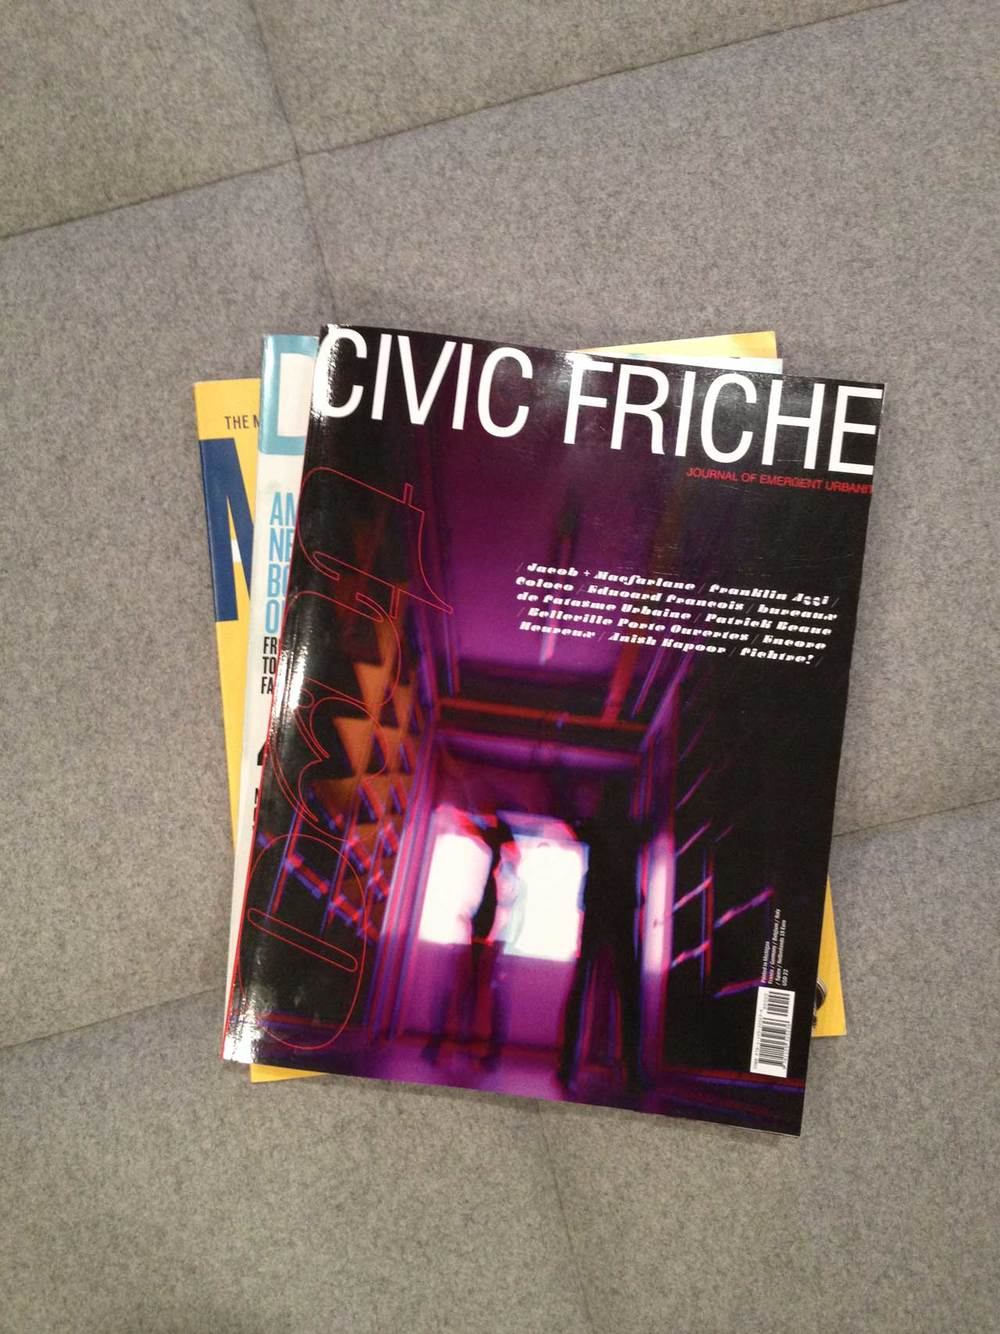 steven-christensen_tcaup_civic-friche-zine_v2_1280.jpg